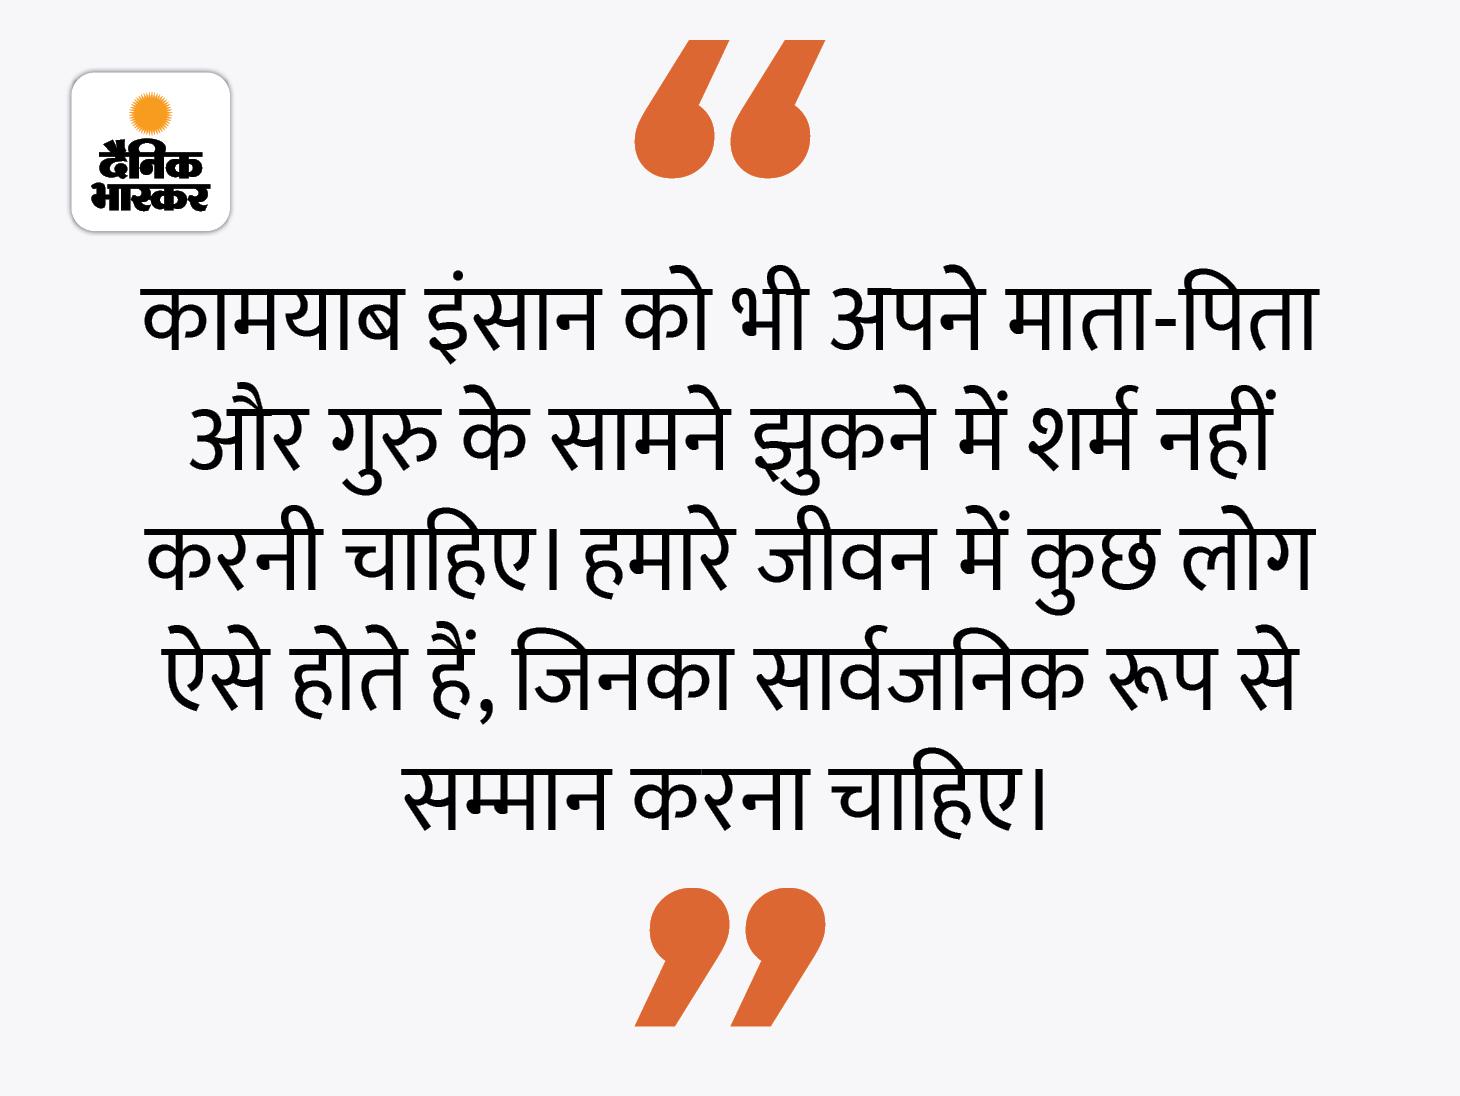 शिक्षक और घर के बड़े लोग हमेशा सम्माननीय होते हैं, हर स्थिति में इनका सम्मान करना चाहिए|धर्म,Dharm - Dainik Bhaskar